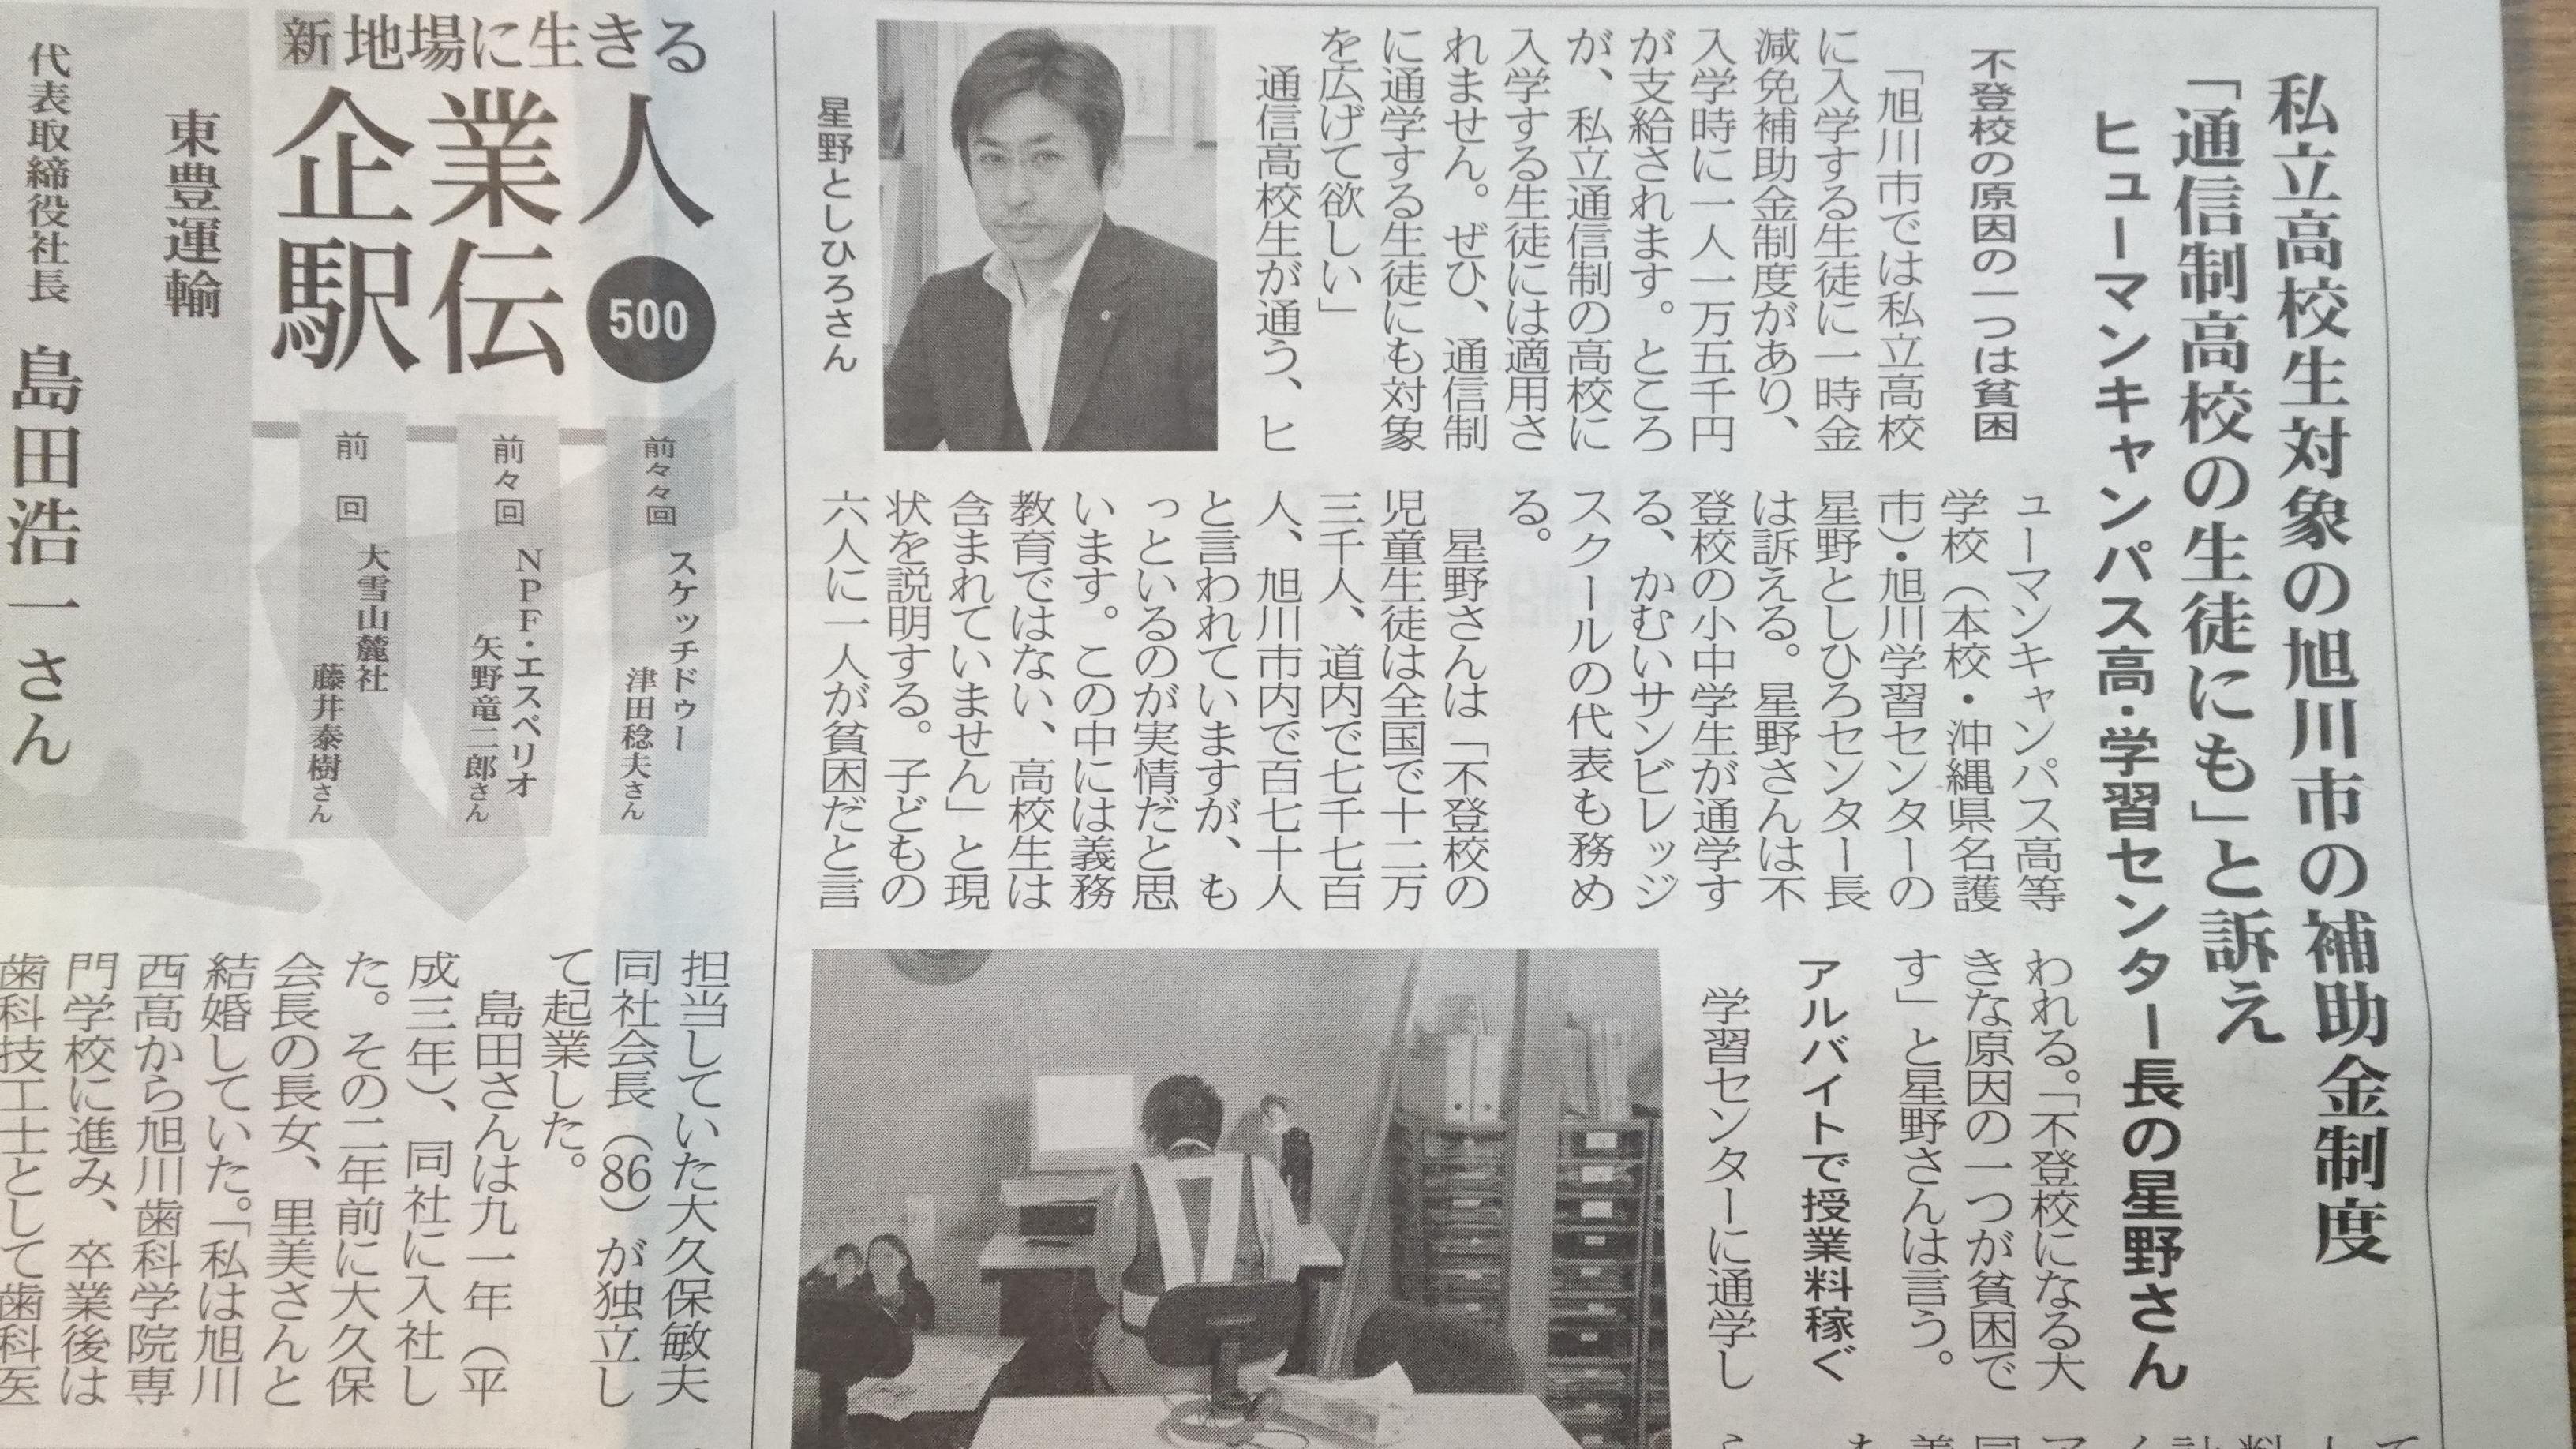 旭川】あさひかわ新聞に掲載いた...